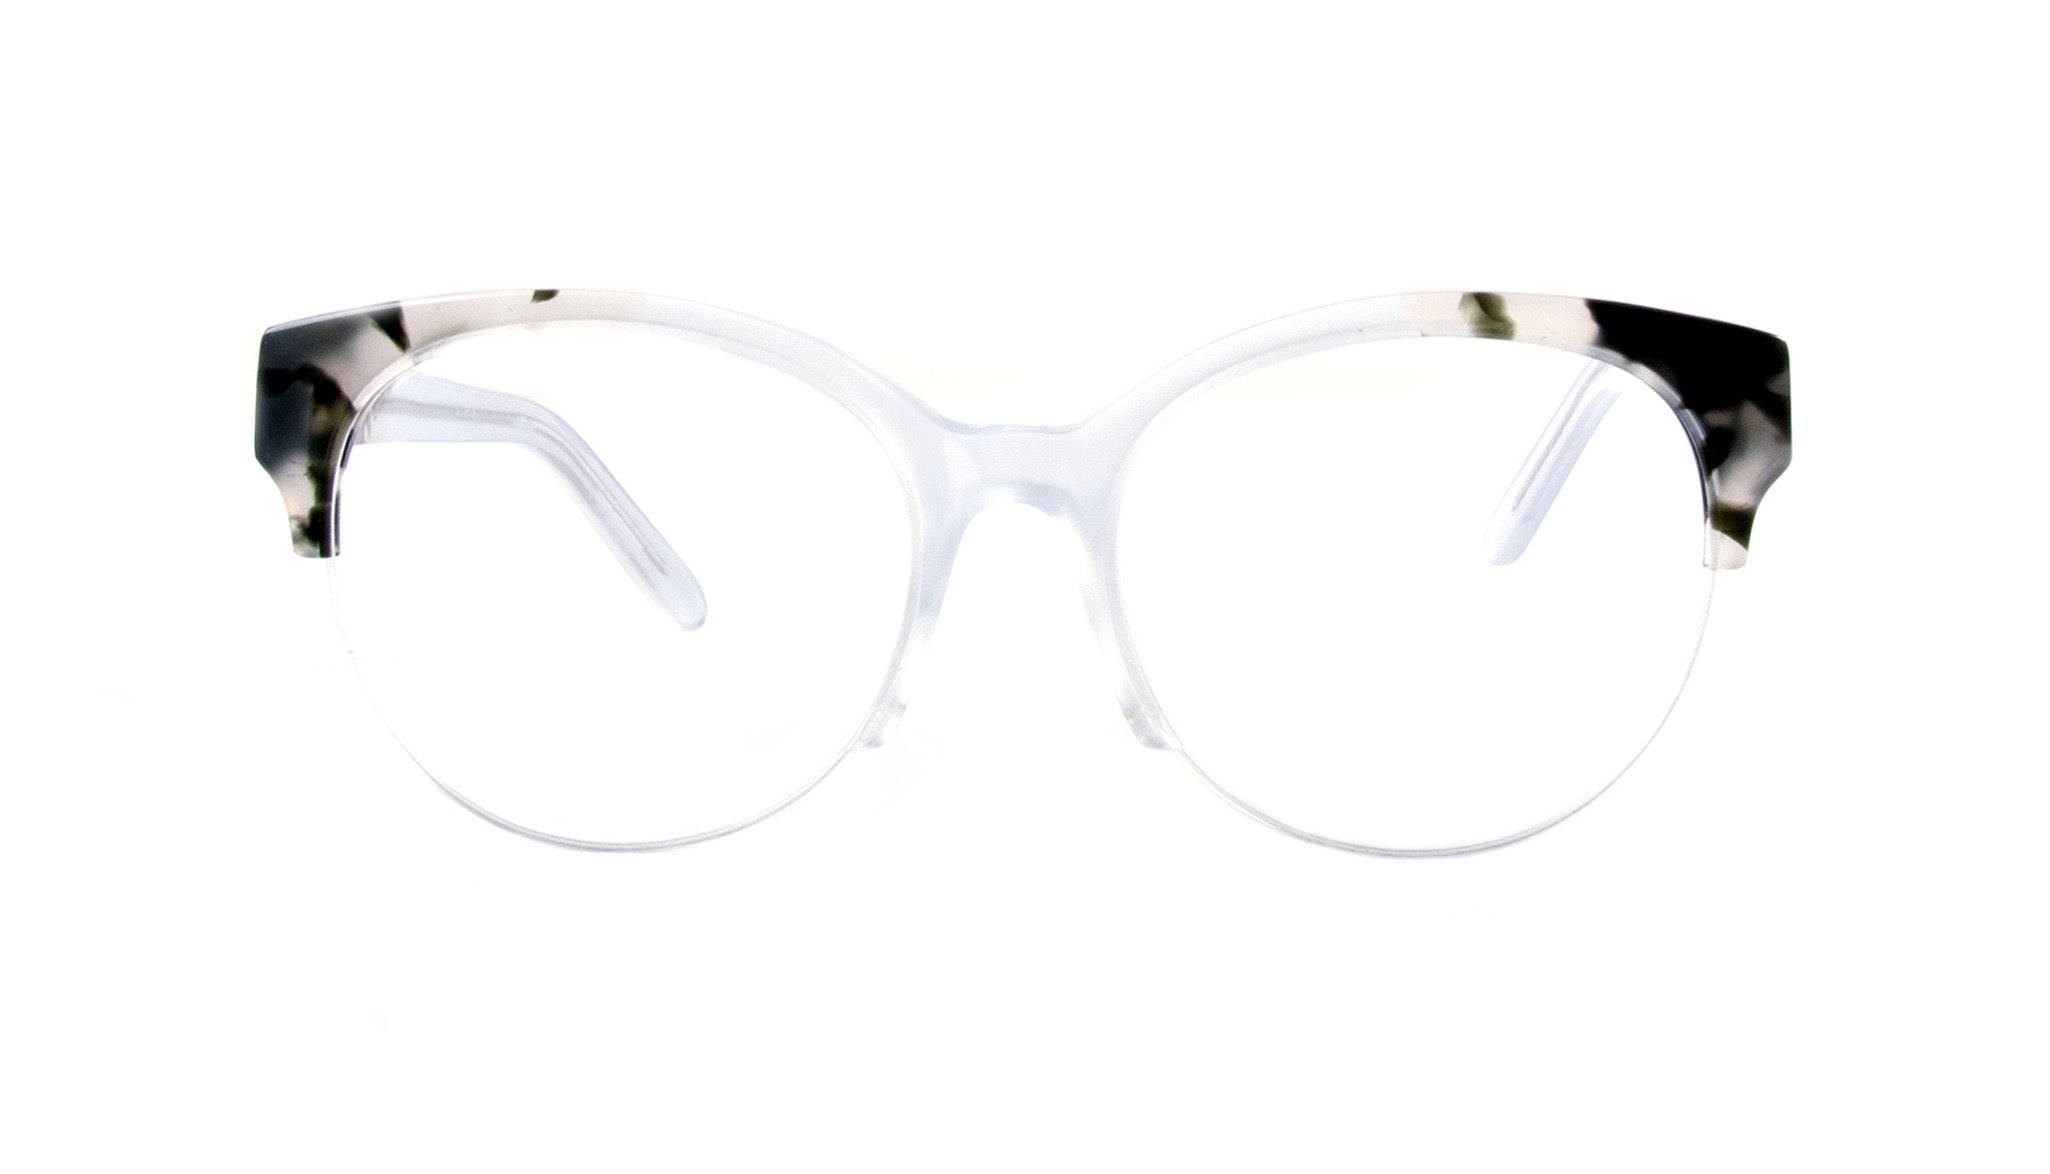 Lunettes tendance Oeil de chat Ronde Demi-Montures Optiques Femmes Eclipse Light Smokey Tort